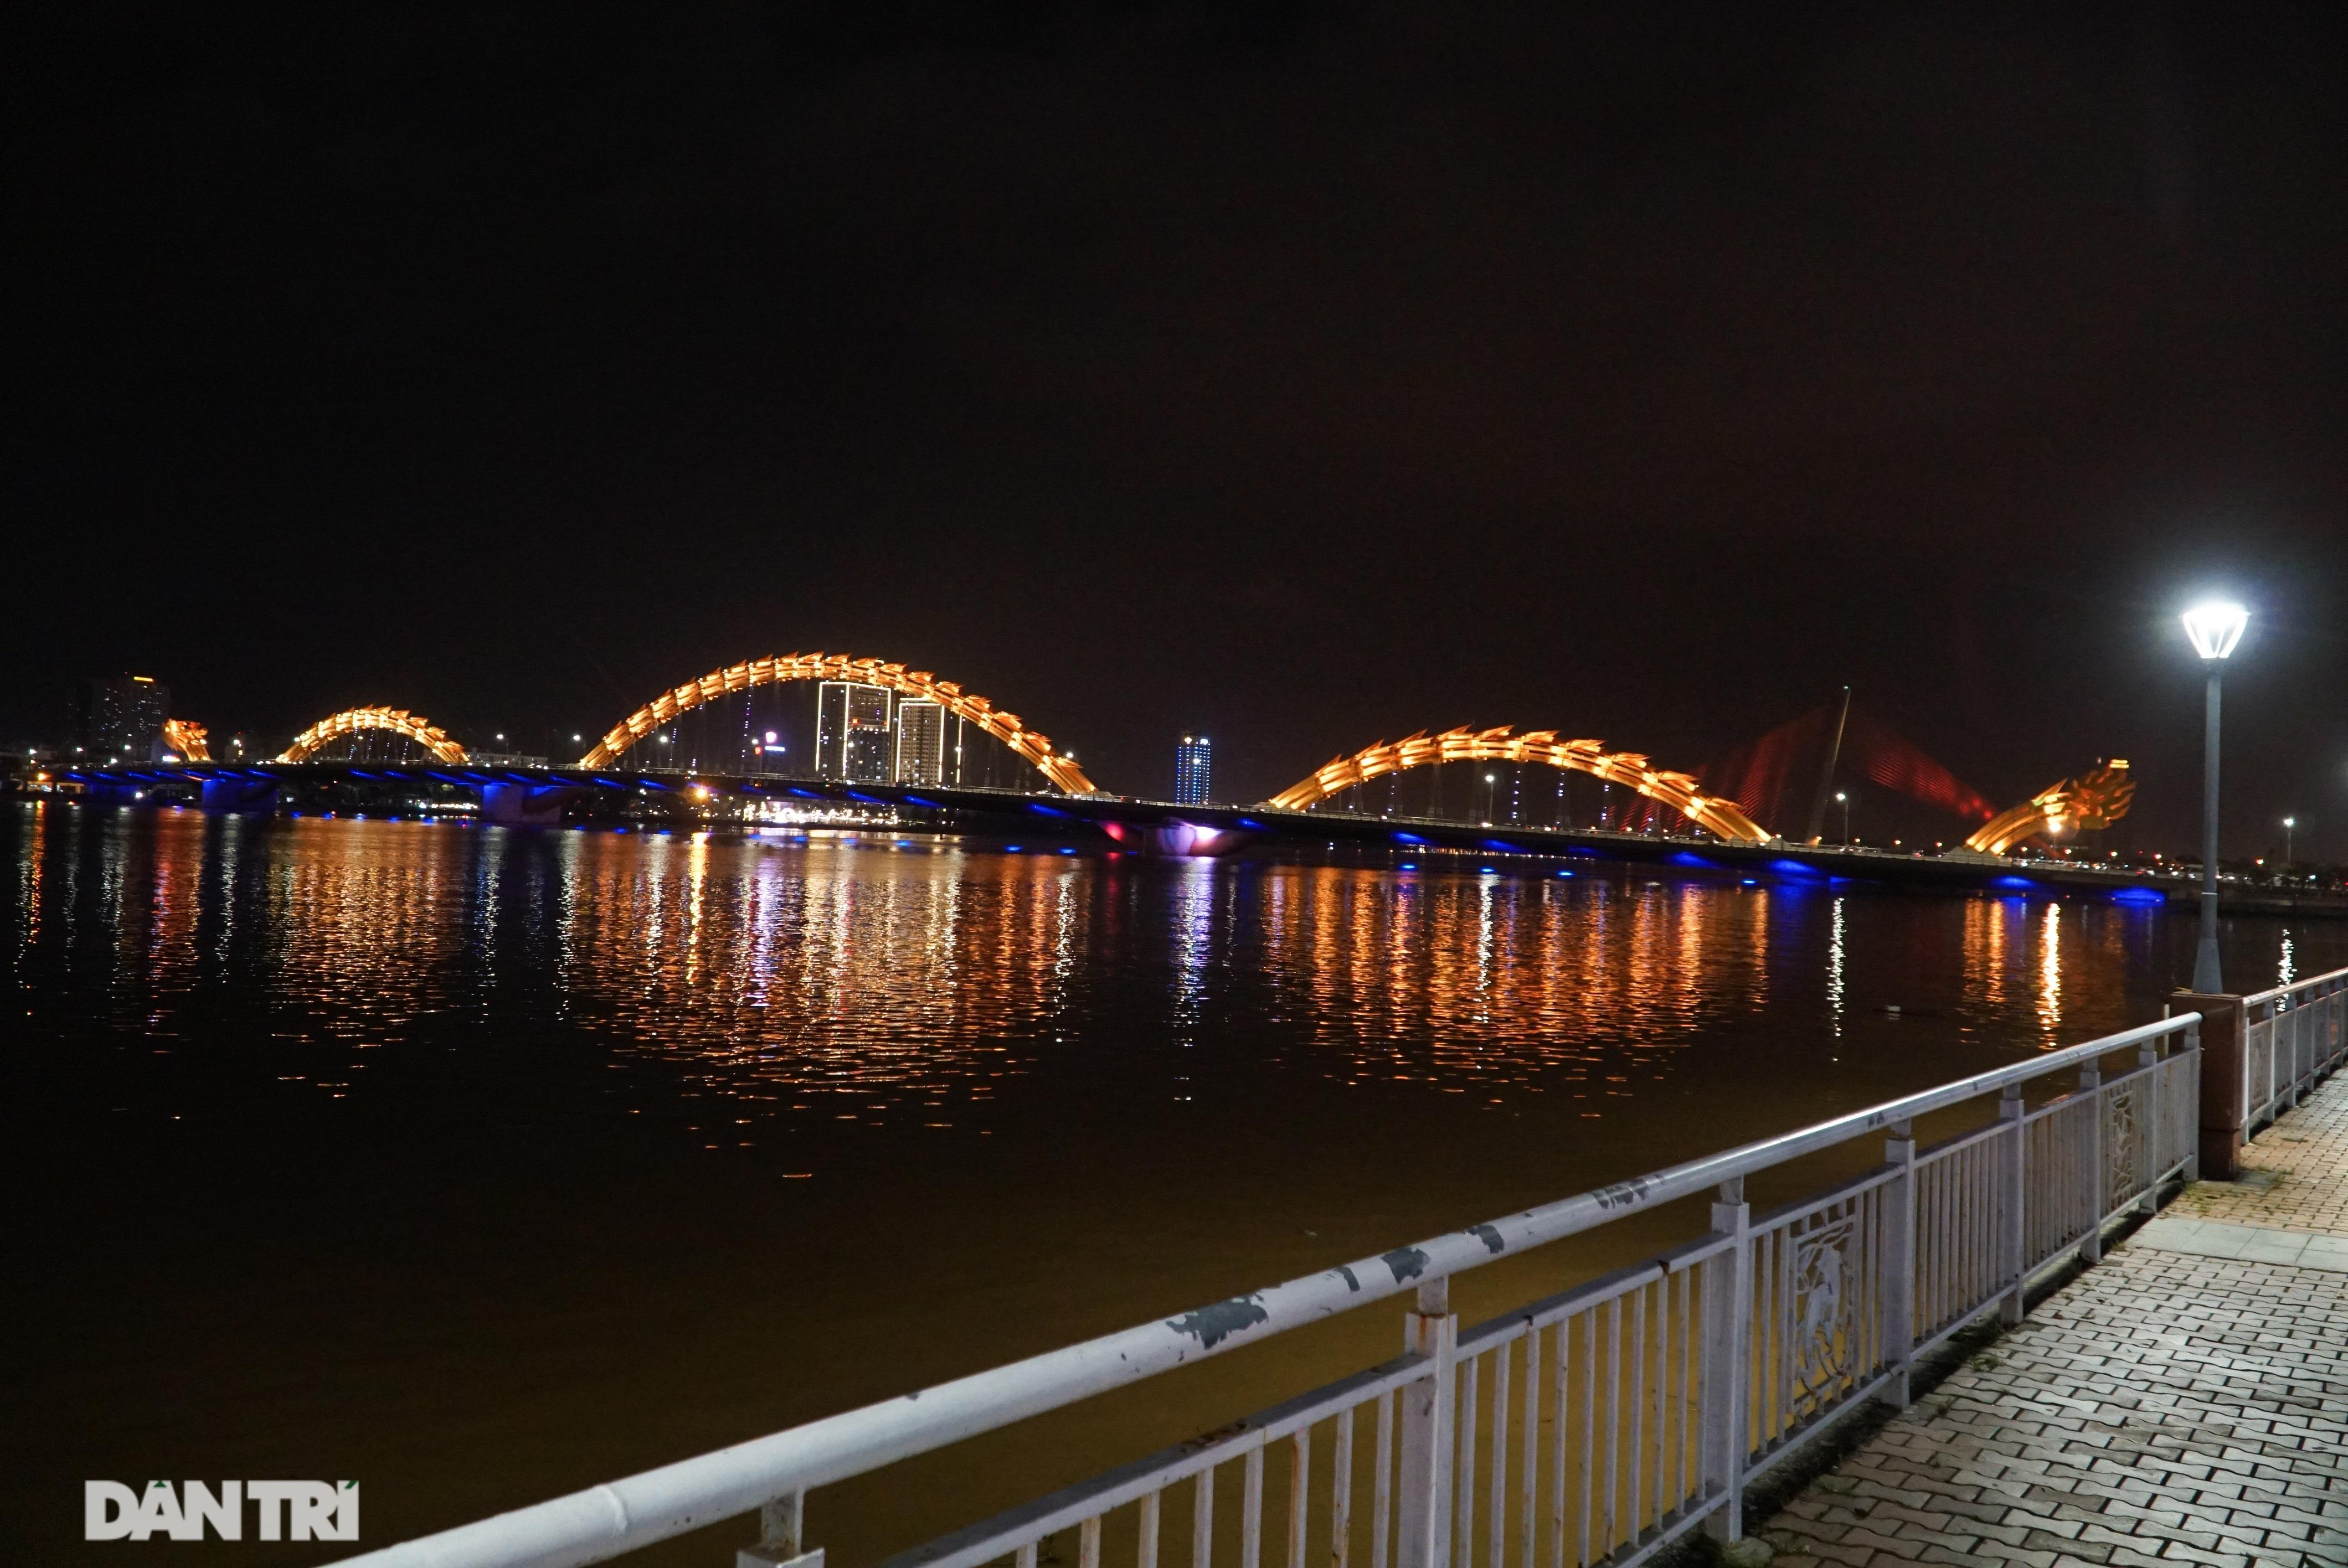 Chiêm ngưỡng 4 cây cầu ấn tượng nối đôi bờ sông Hàn ở Đà Nẵng - 5